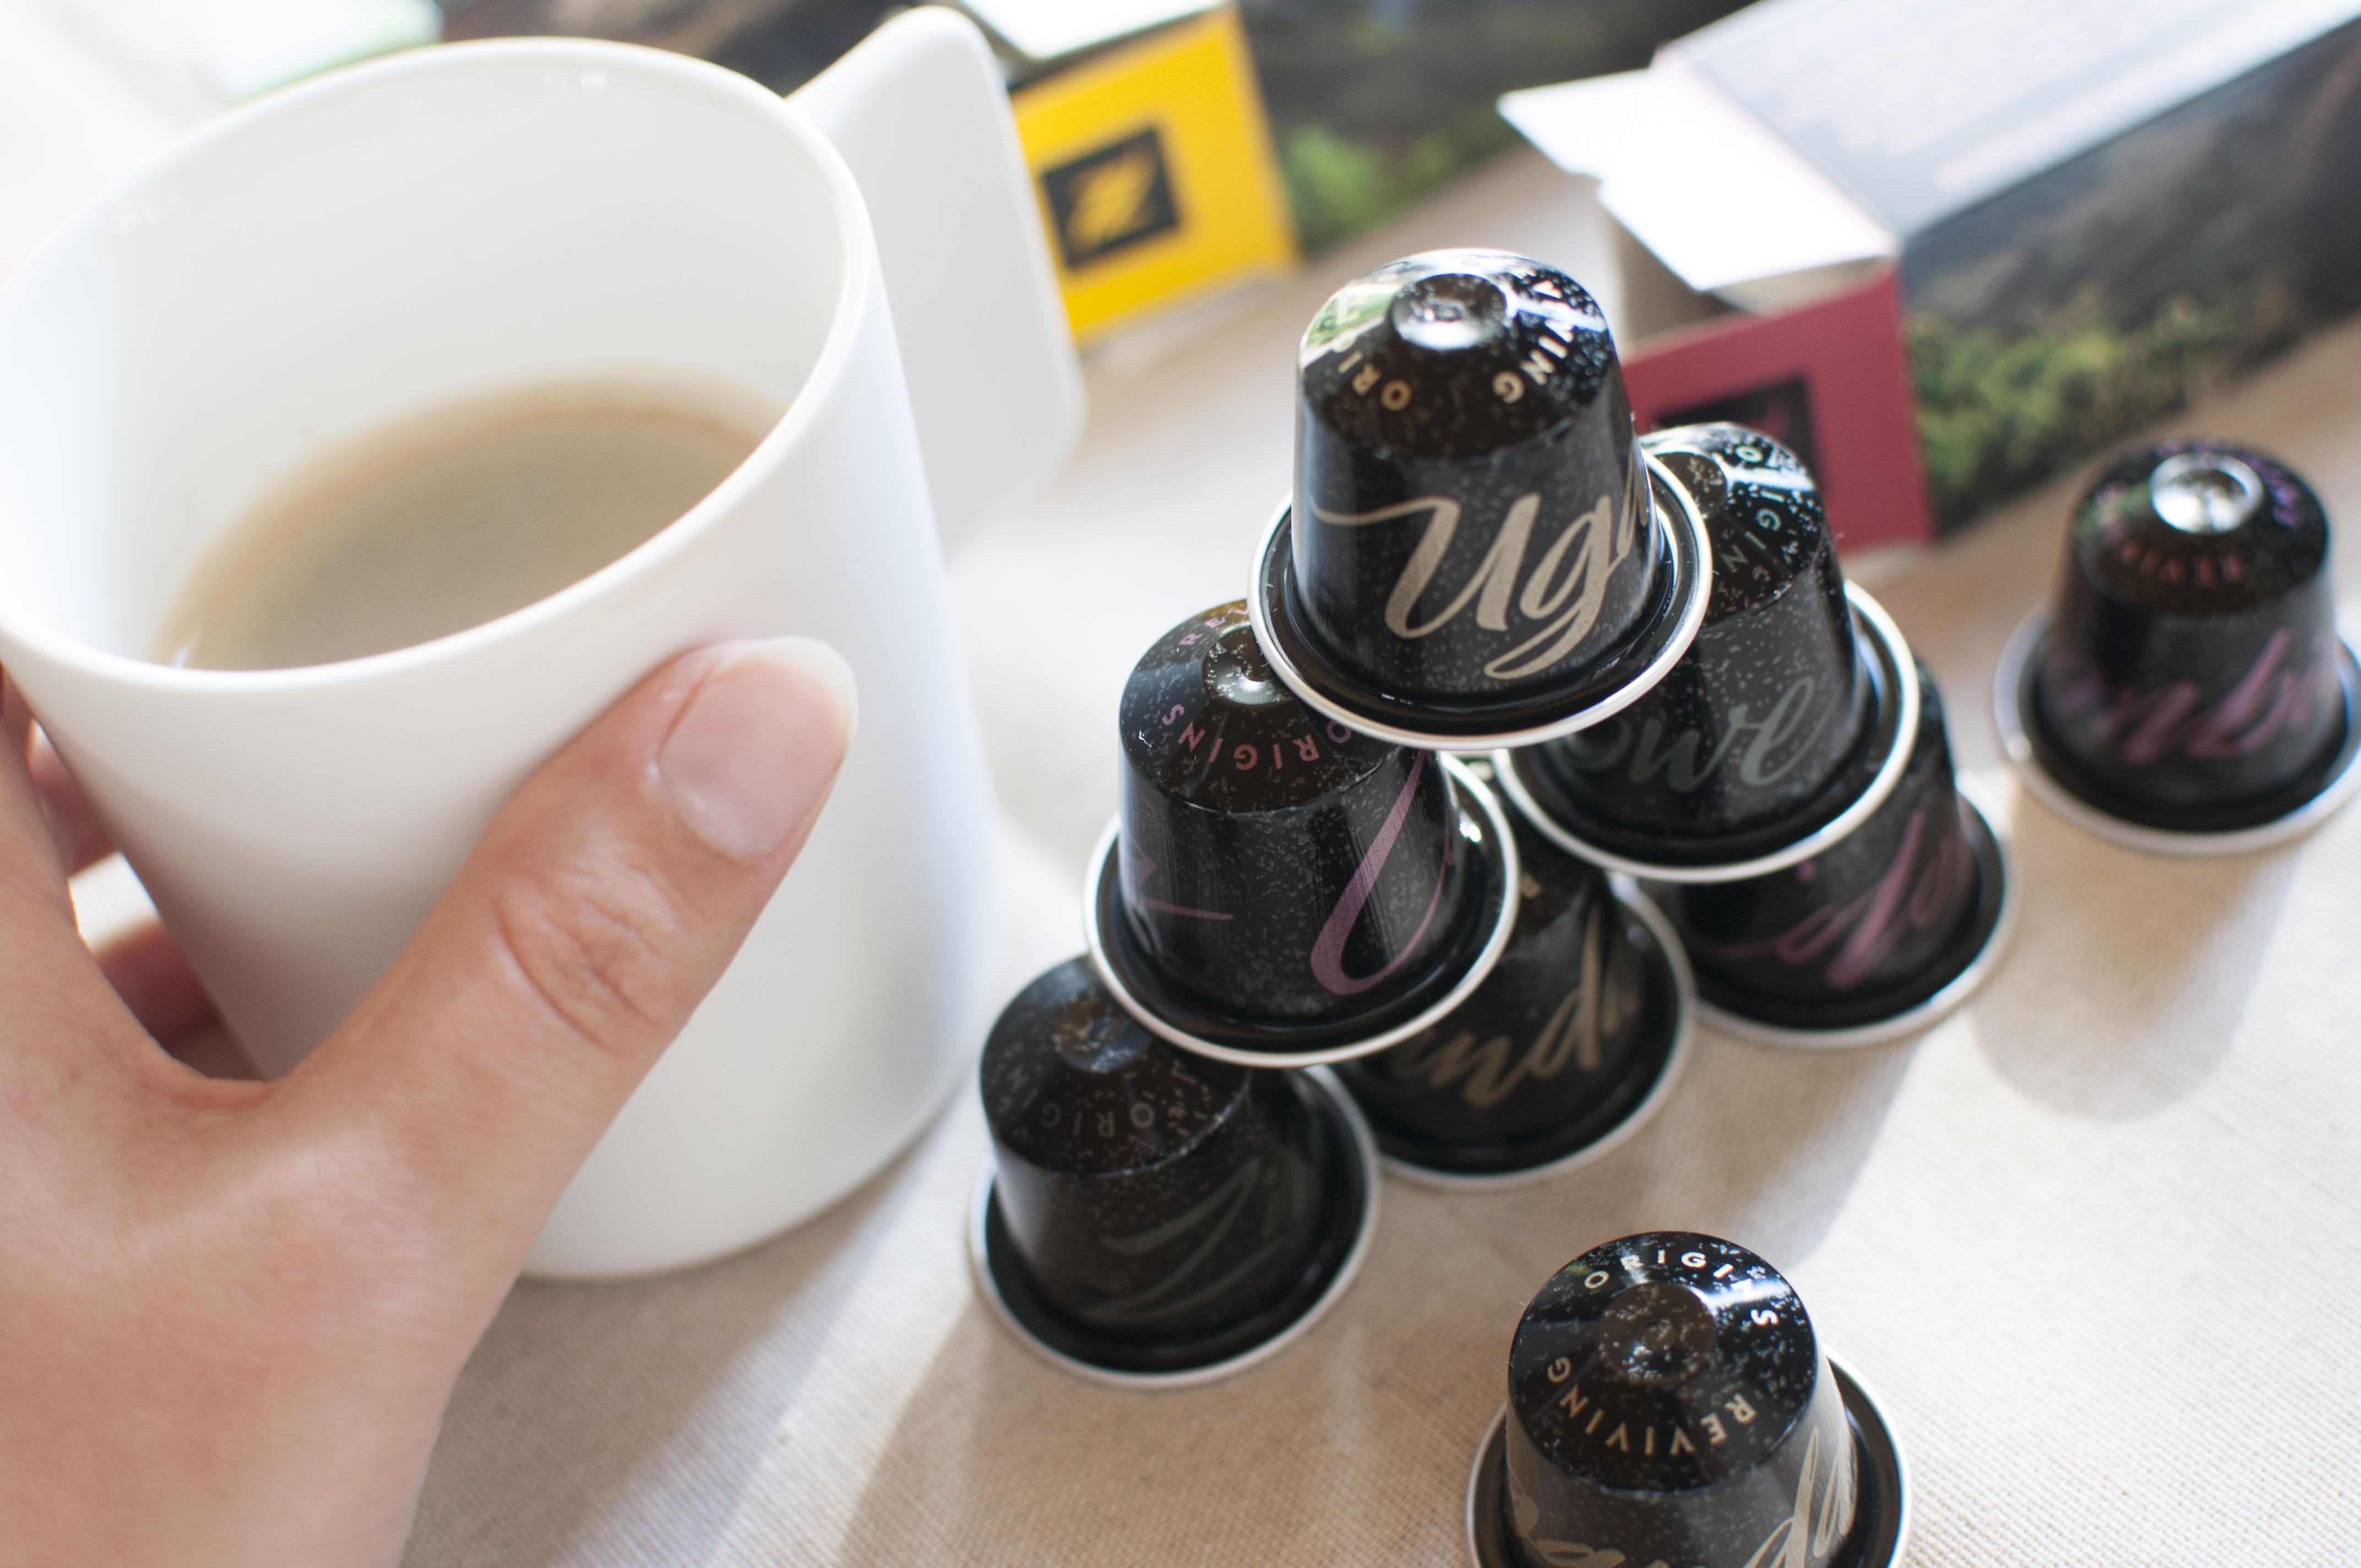 Nespresso fairtrade reviving origins